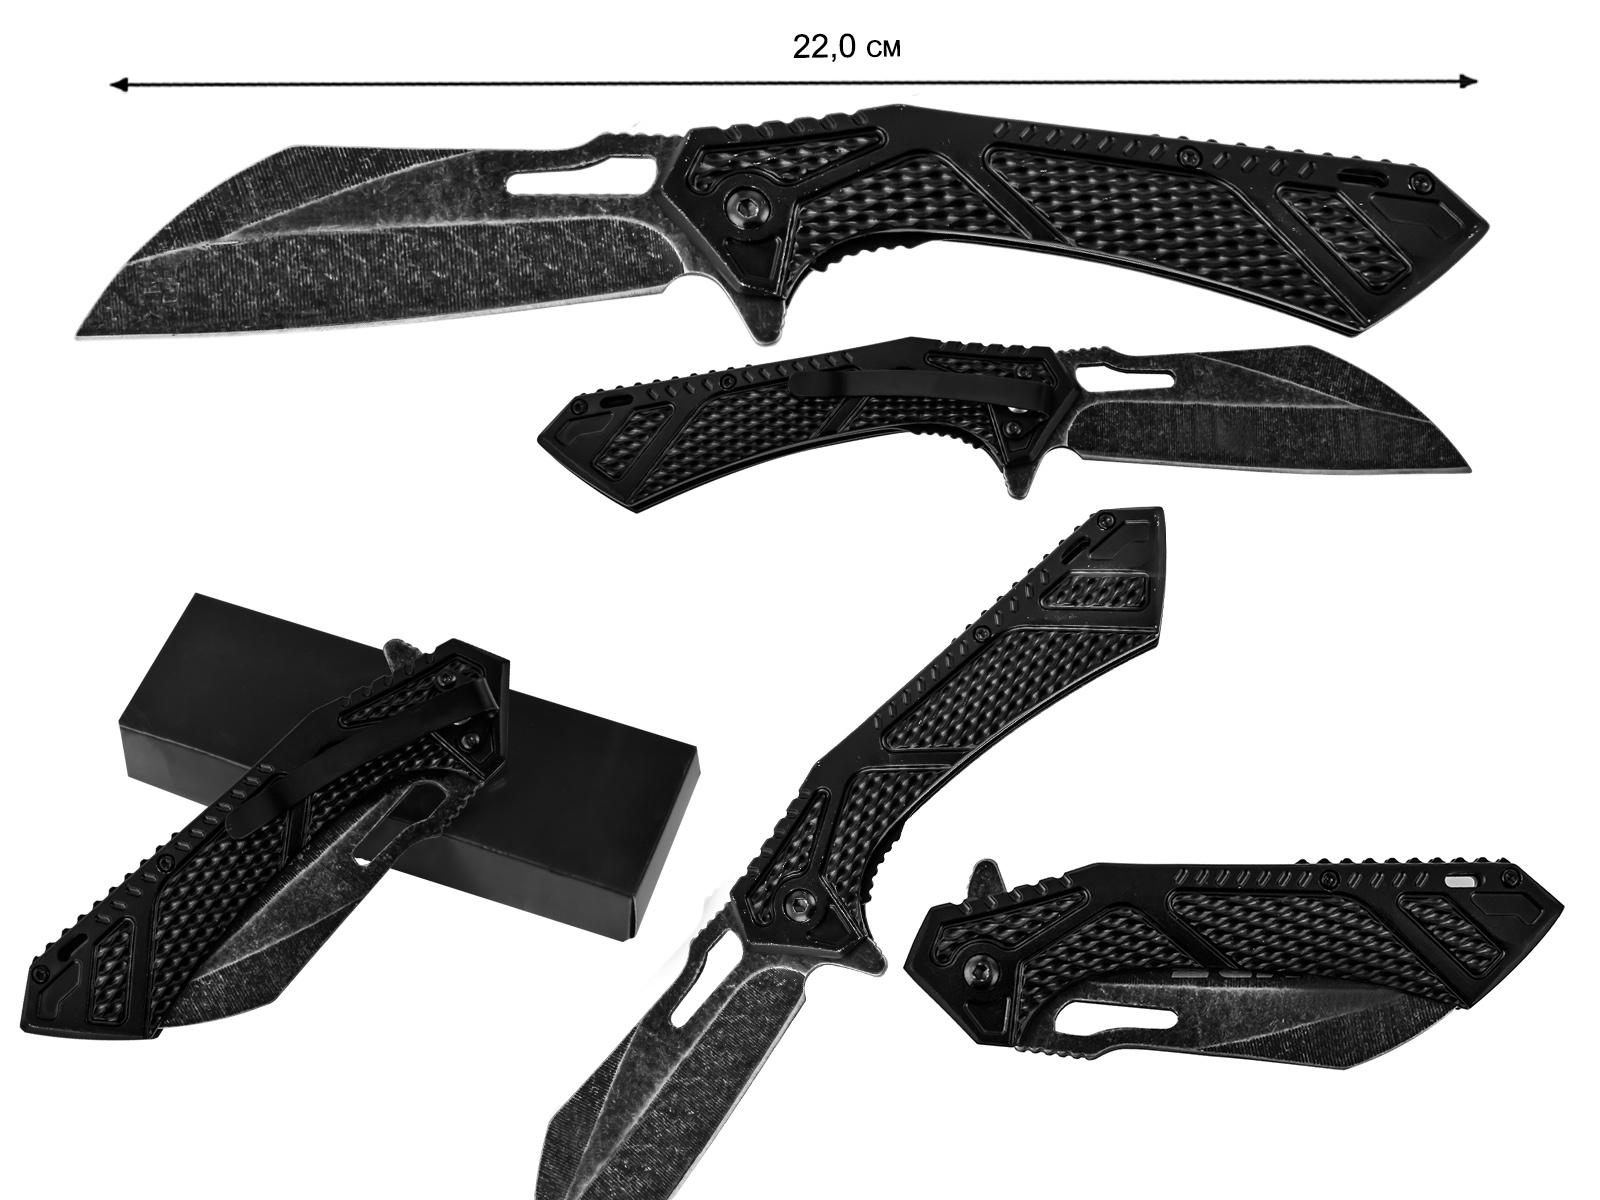 Серьезный тактический нож с клинком из стали 3Cr13